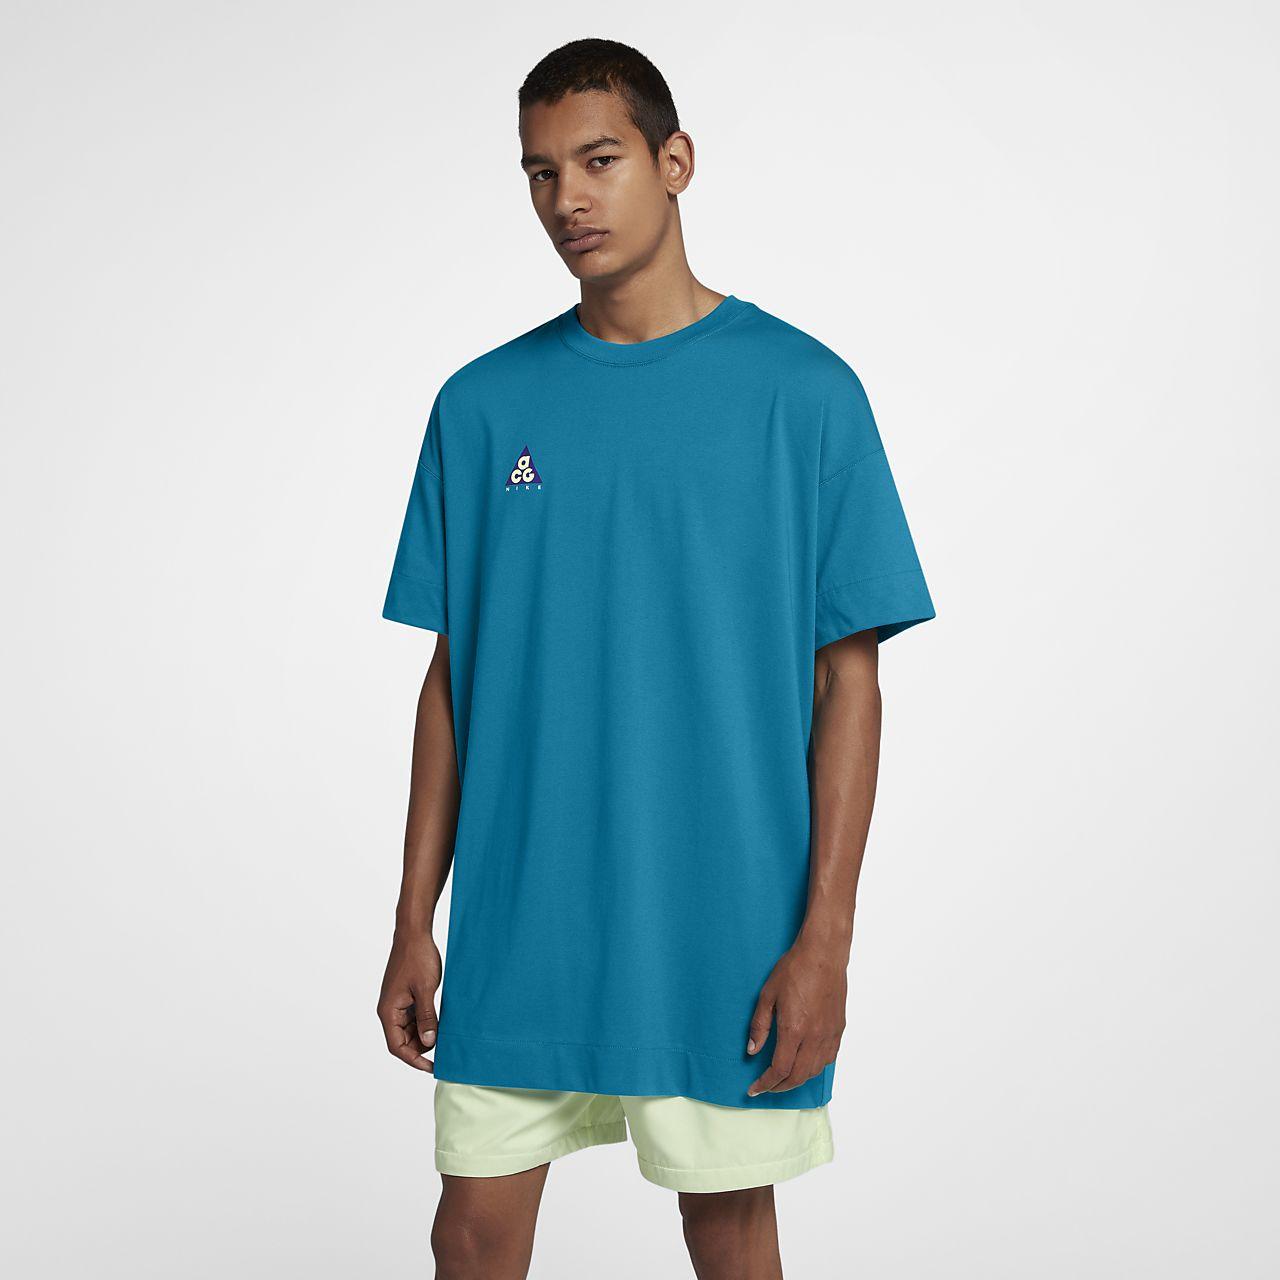 cd96a9117d09e9 Nike ACG T-Shirt. Nike.com